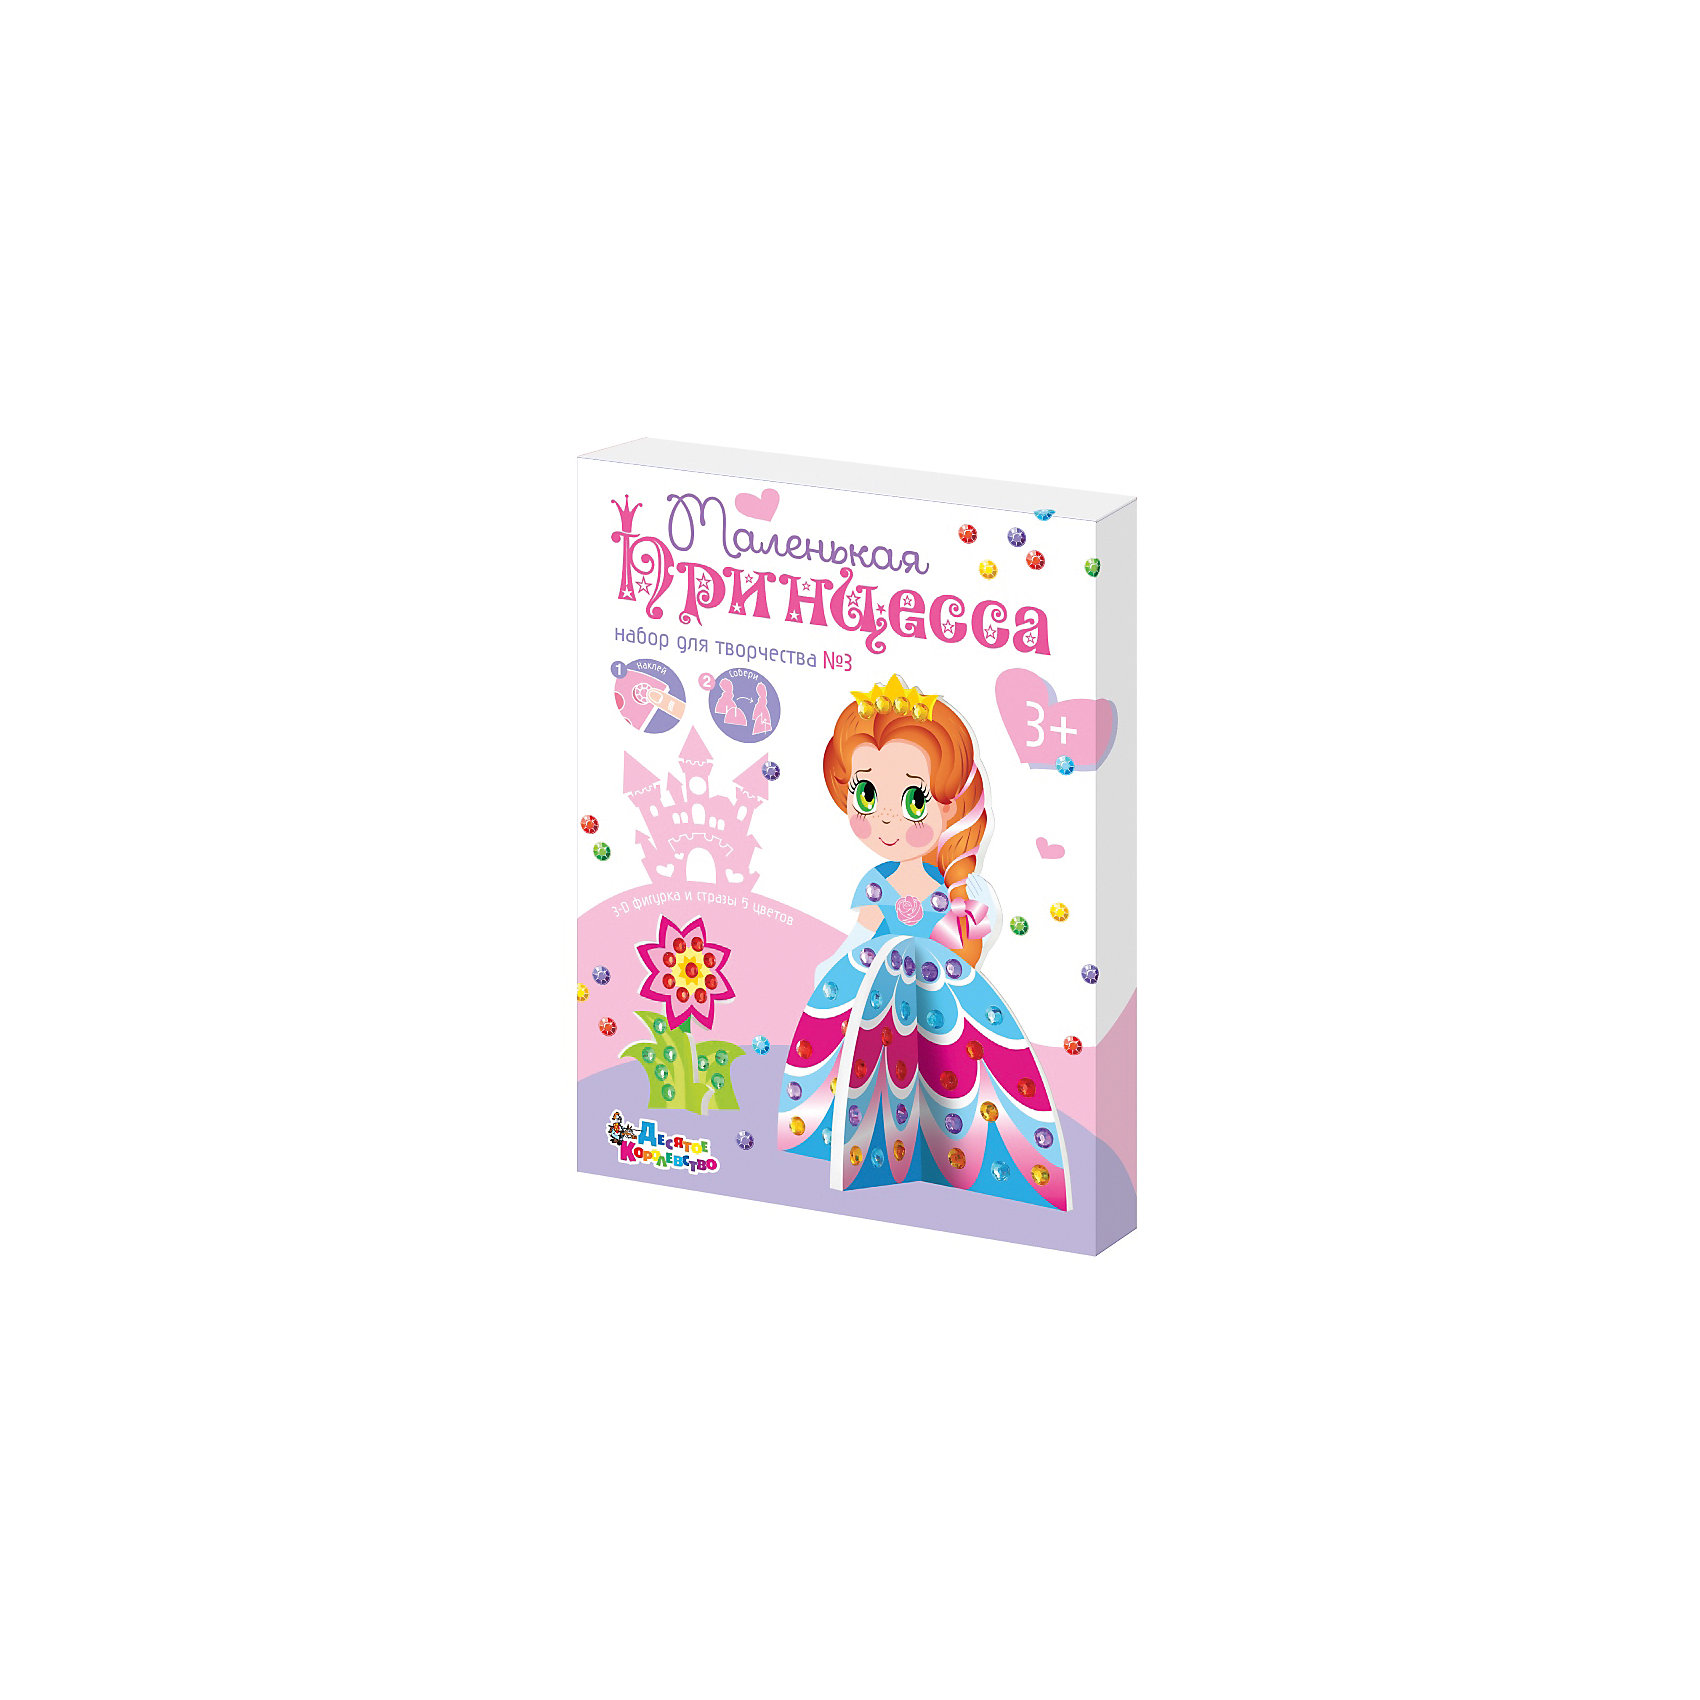 Набор для творчества из страз 3D Принцесса, Десятое королевствоМозаика<br>Набор для творчества из страз 3D Принцесса, Десятое королевство<br><br>Характеристики:<br><br>• Возраст: от 7 лет<br>• В комплекте: заготовка из вспененного полимерного материала с изображением принцессы и цветка, стразы<br>• Количество цетов: 5<br>• Размер готовой картинки: 11х11х15см<br><br>Этот набор даст вашему ребенку увлекательно провести время за украшением заготовки яркими цветными стразами. Для удобства - в наборе присутствуют подсказки, как лучше осуществлять приклеивание декоративных элементов. После того, как заготовки будут украшены, можно соединить 3D паззлы в одну фигуру. Работать с набором рекомендуется под присмотром взрослых. Данная игрушка развивает мелкую моторику и усидчивость ребенка.<br><br>Набор для творчества из страз 3D Принцесса, Десятое королевство можно купить в нашем интернет-магазине.<br><br>Ширина мм: 170<br>Глубина мм: 230<br>Высота мм: 25<br>Вес г: 106<br>Возраст от месяцев: 84<br>Возраст до месяцев: 2147483647<br>Пол: Женский<br>Возраст: Детский<br>SKU: 5471670